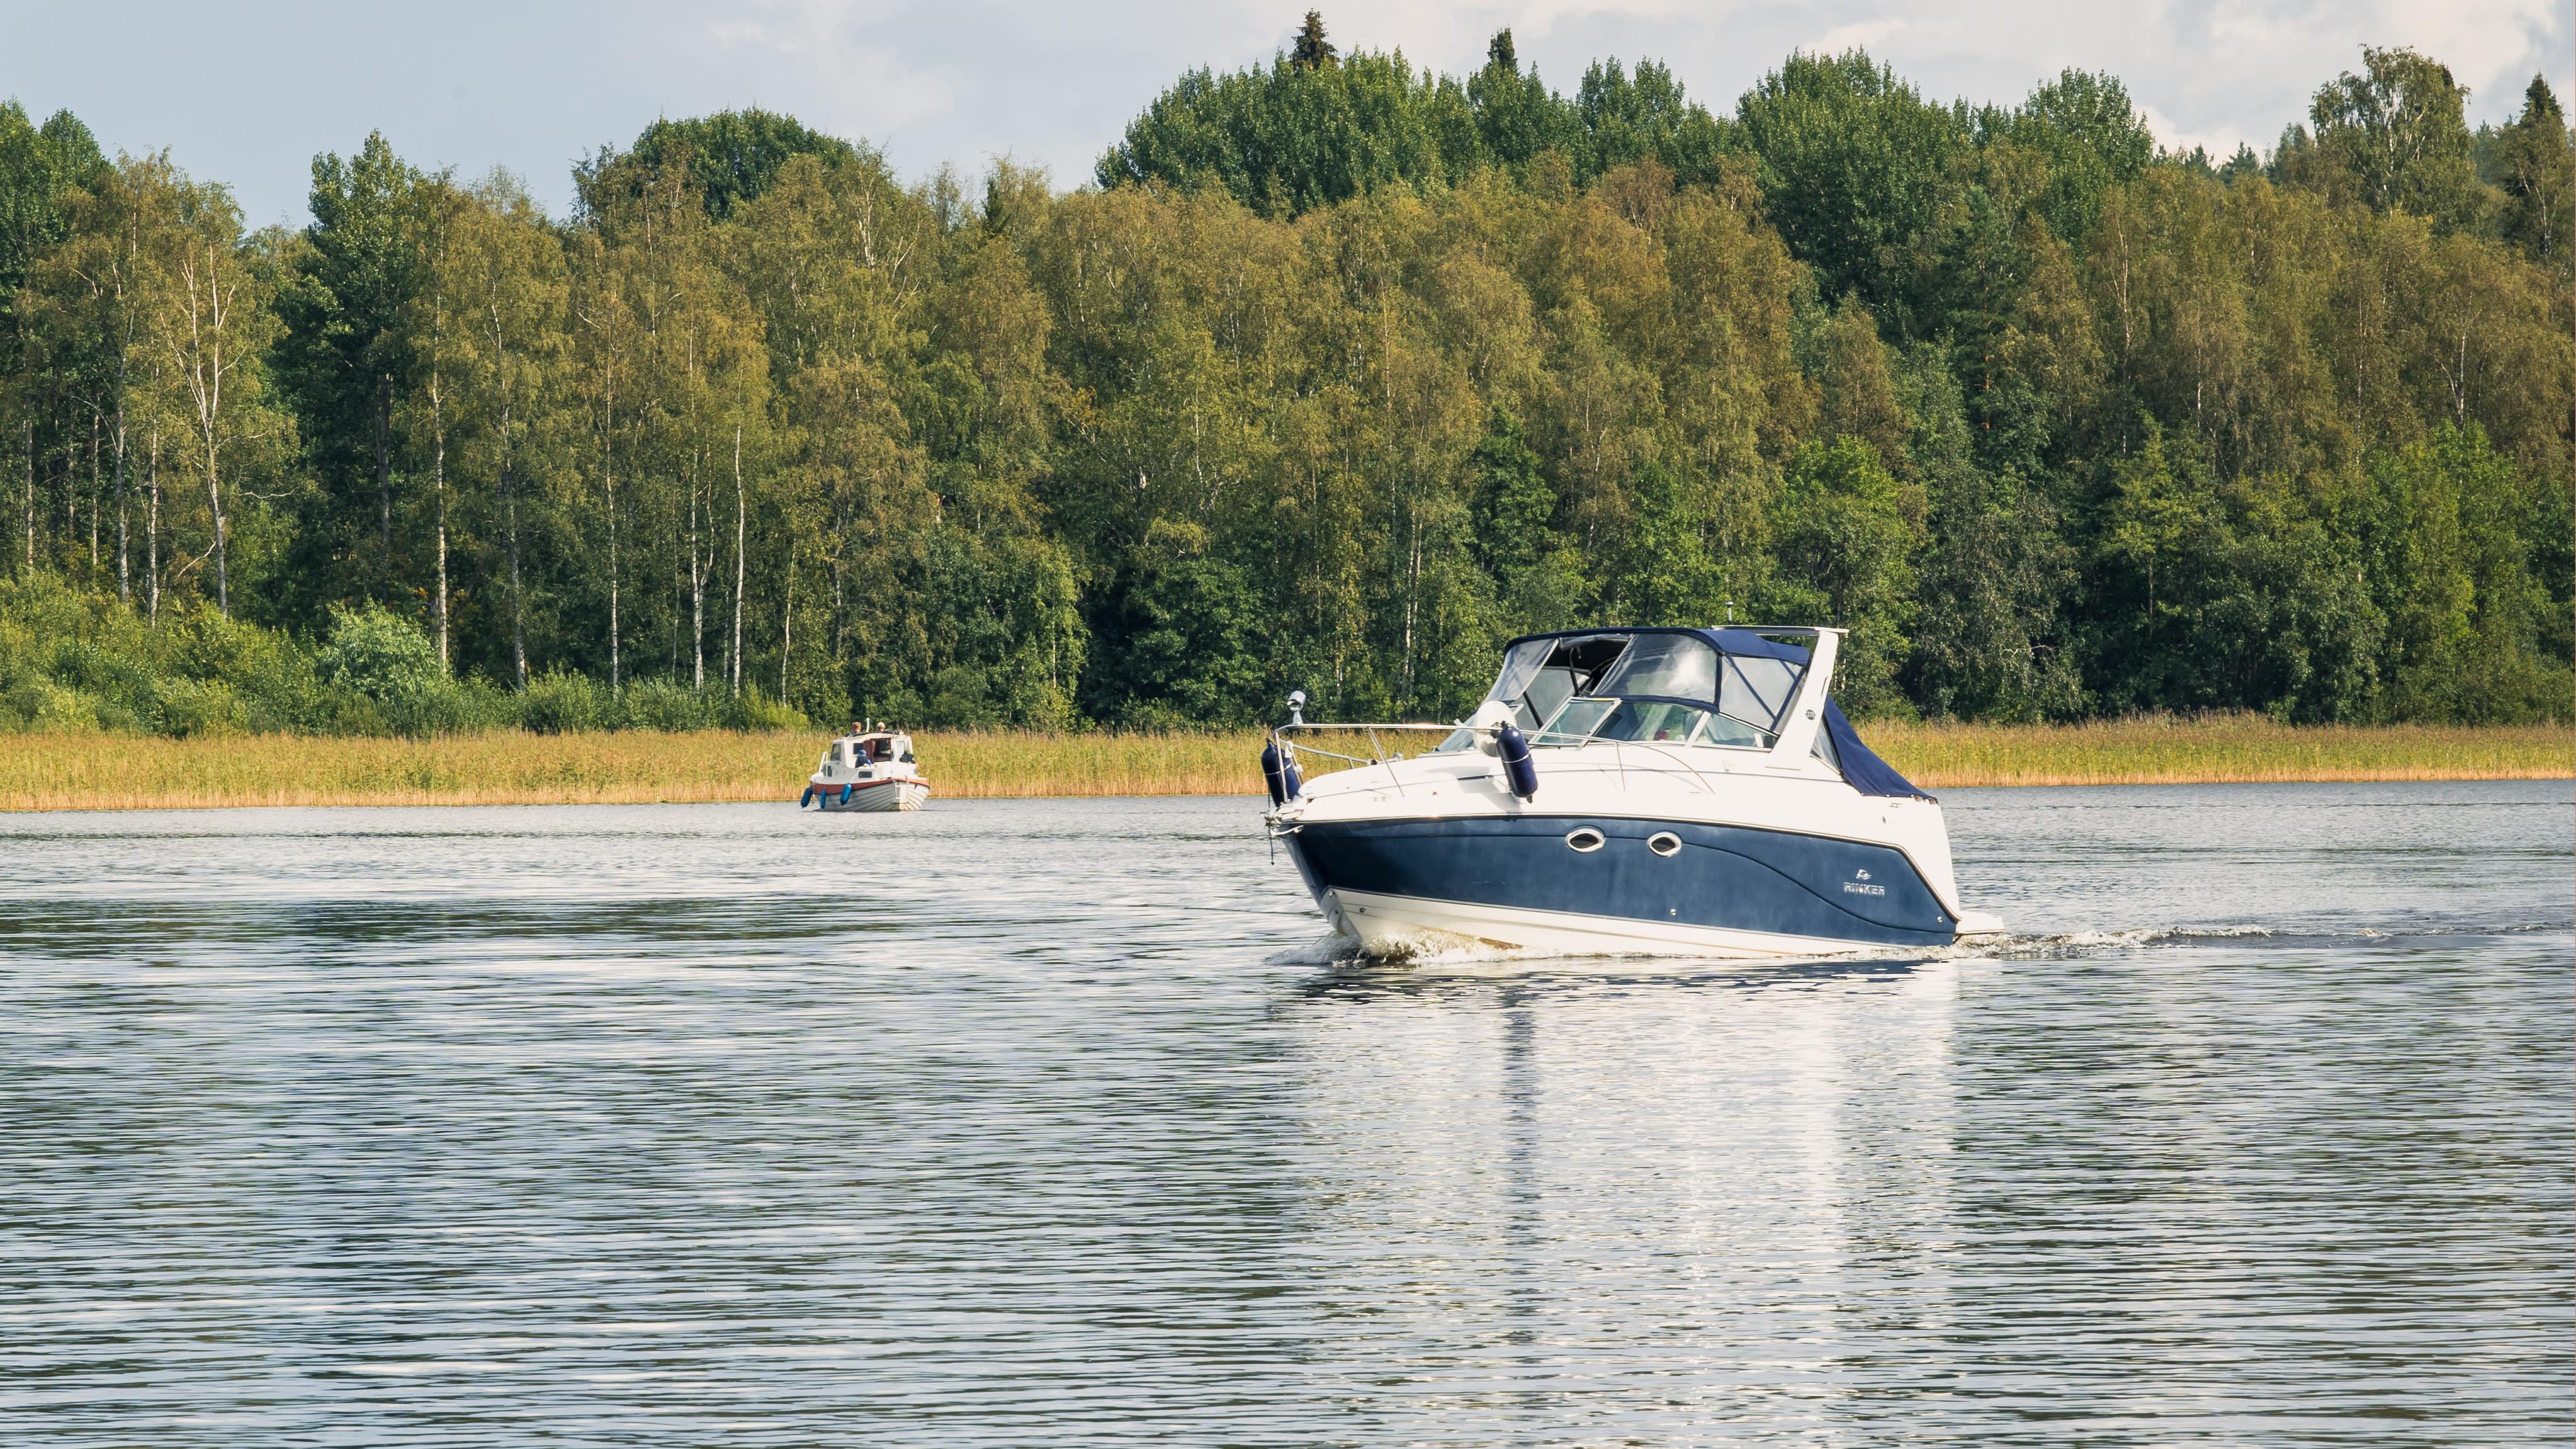 Veneitä vesillä Jyväskylässä.